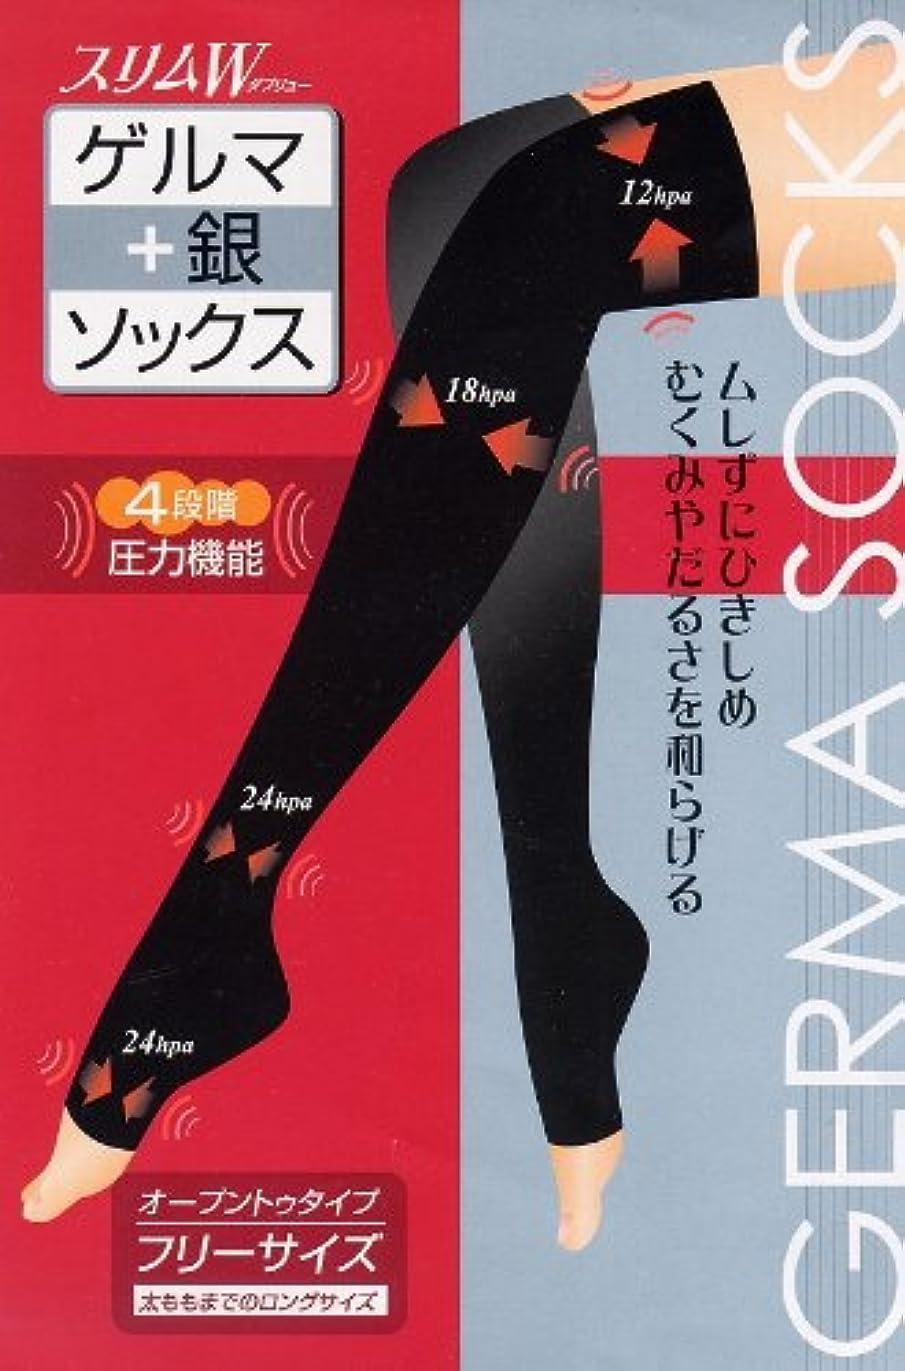 微妙シダチャームスラットスリムダブリュー ゲルマ+銀ソックス (フリーサイズロングソックス)美脚を目指す貴方に!日本製